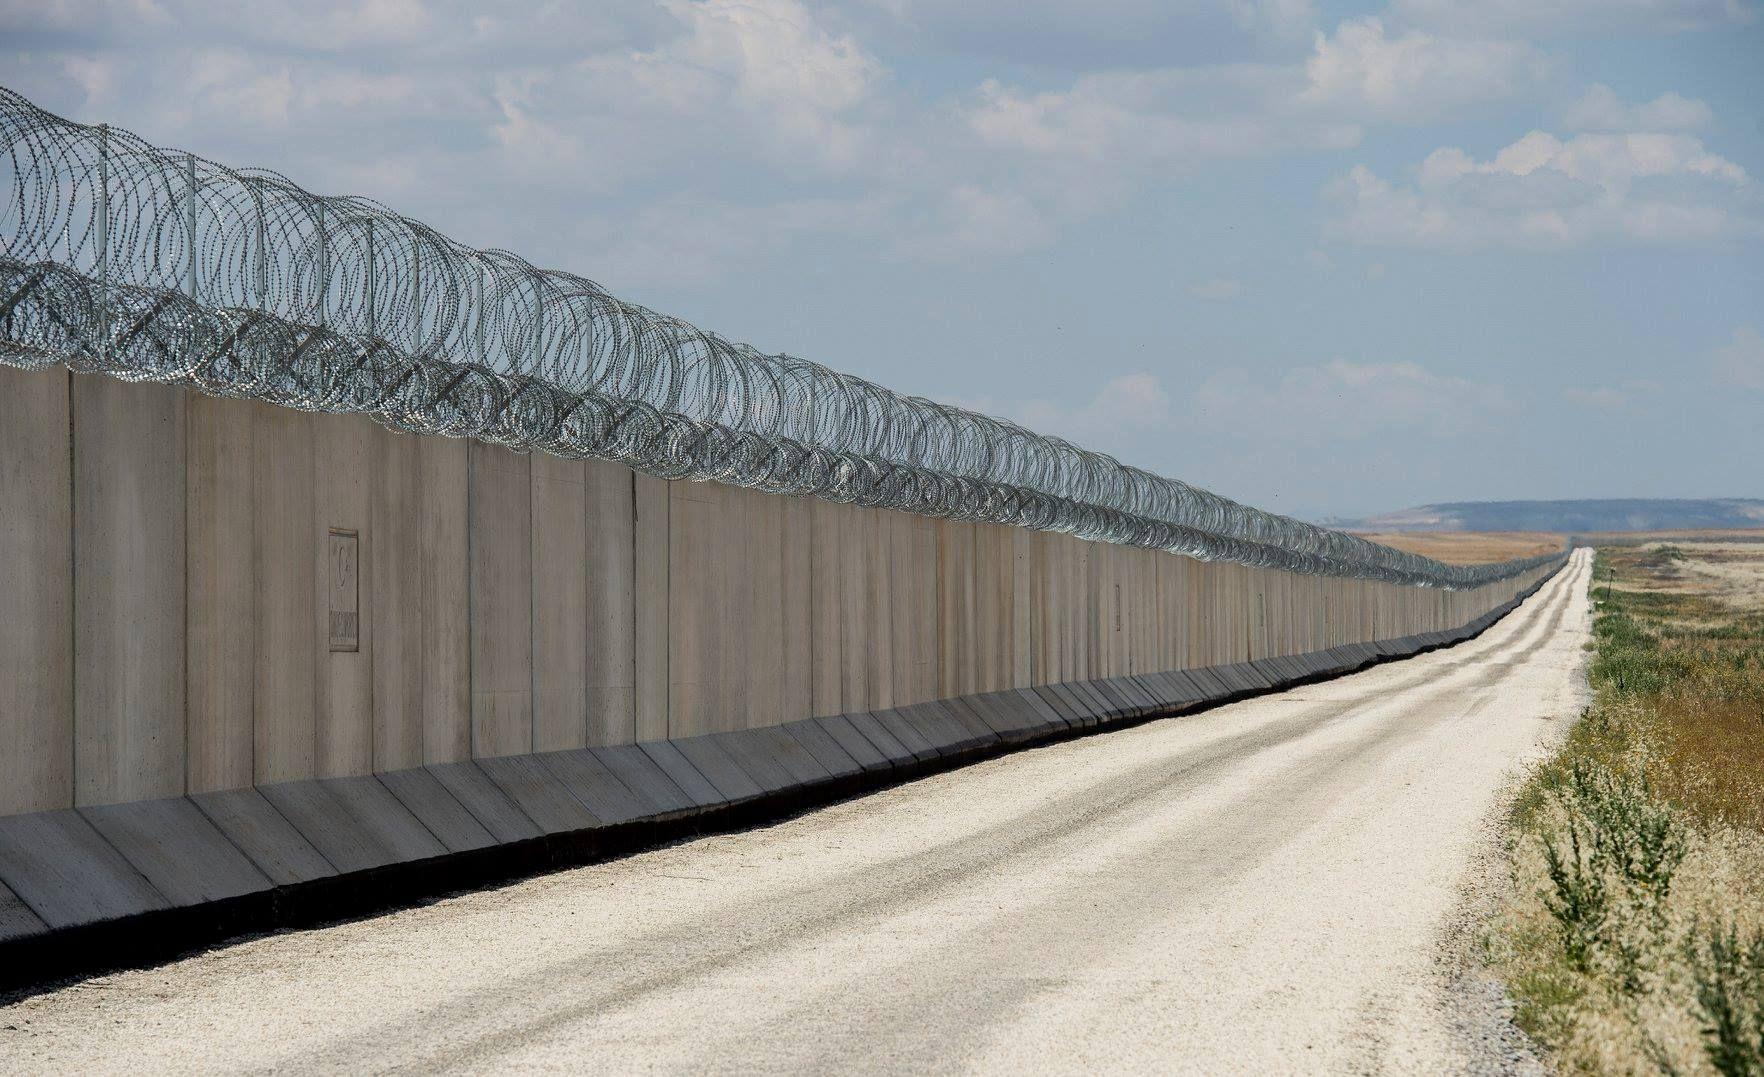 تركيا تنتهي من بناء جدار على طول حدودها مع سوريا صور بوابة عرب ترك Structures